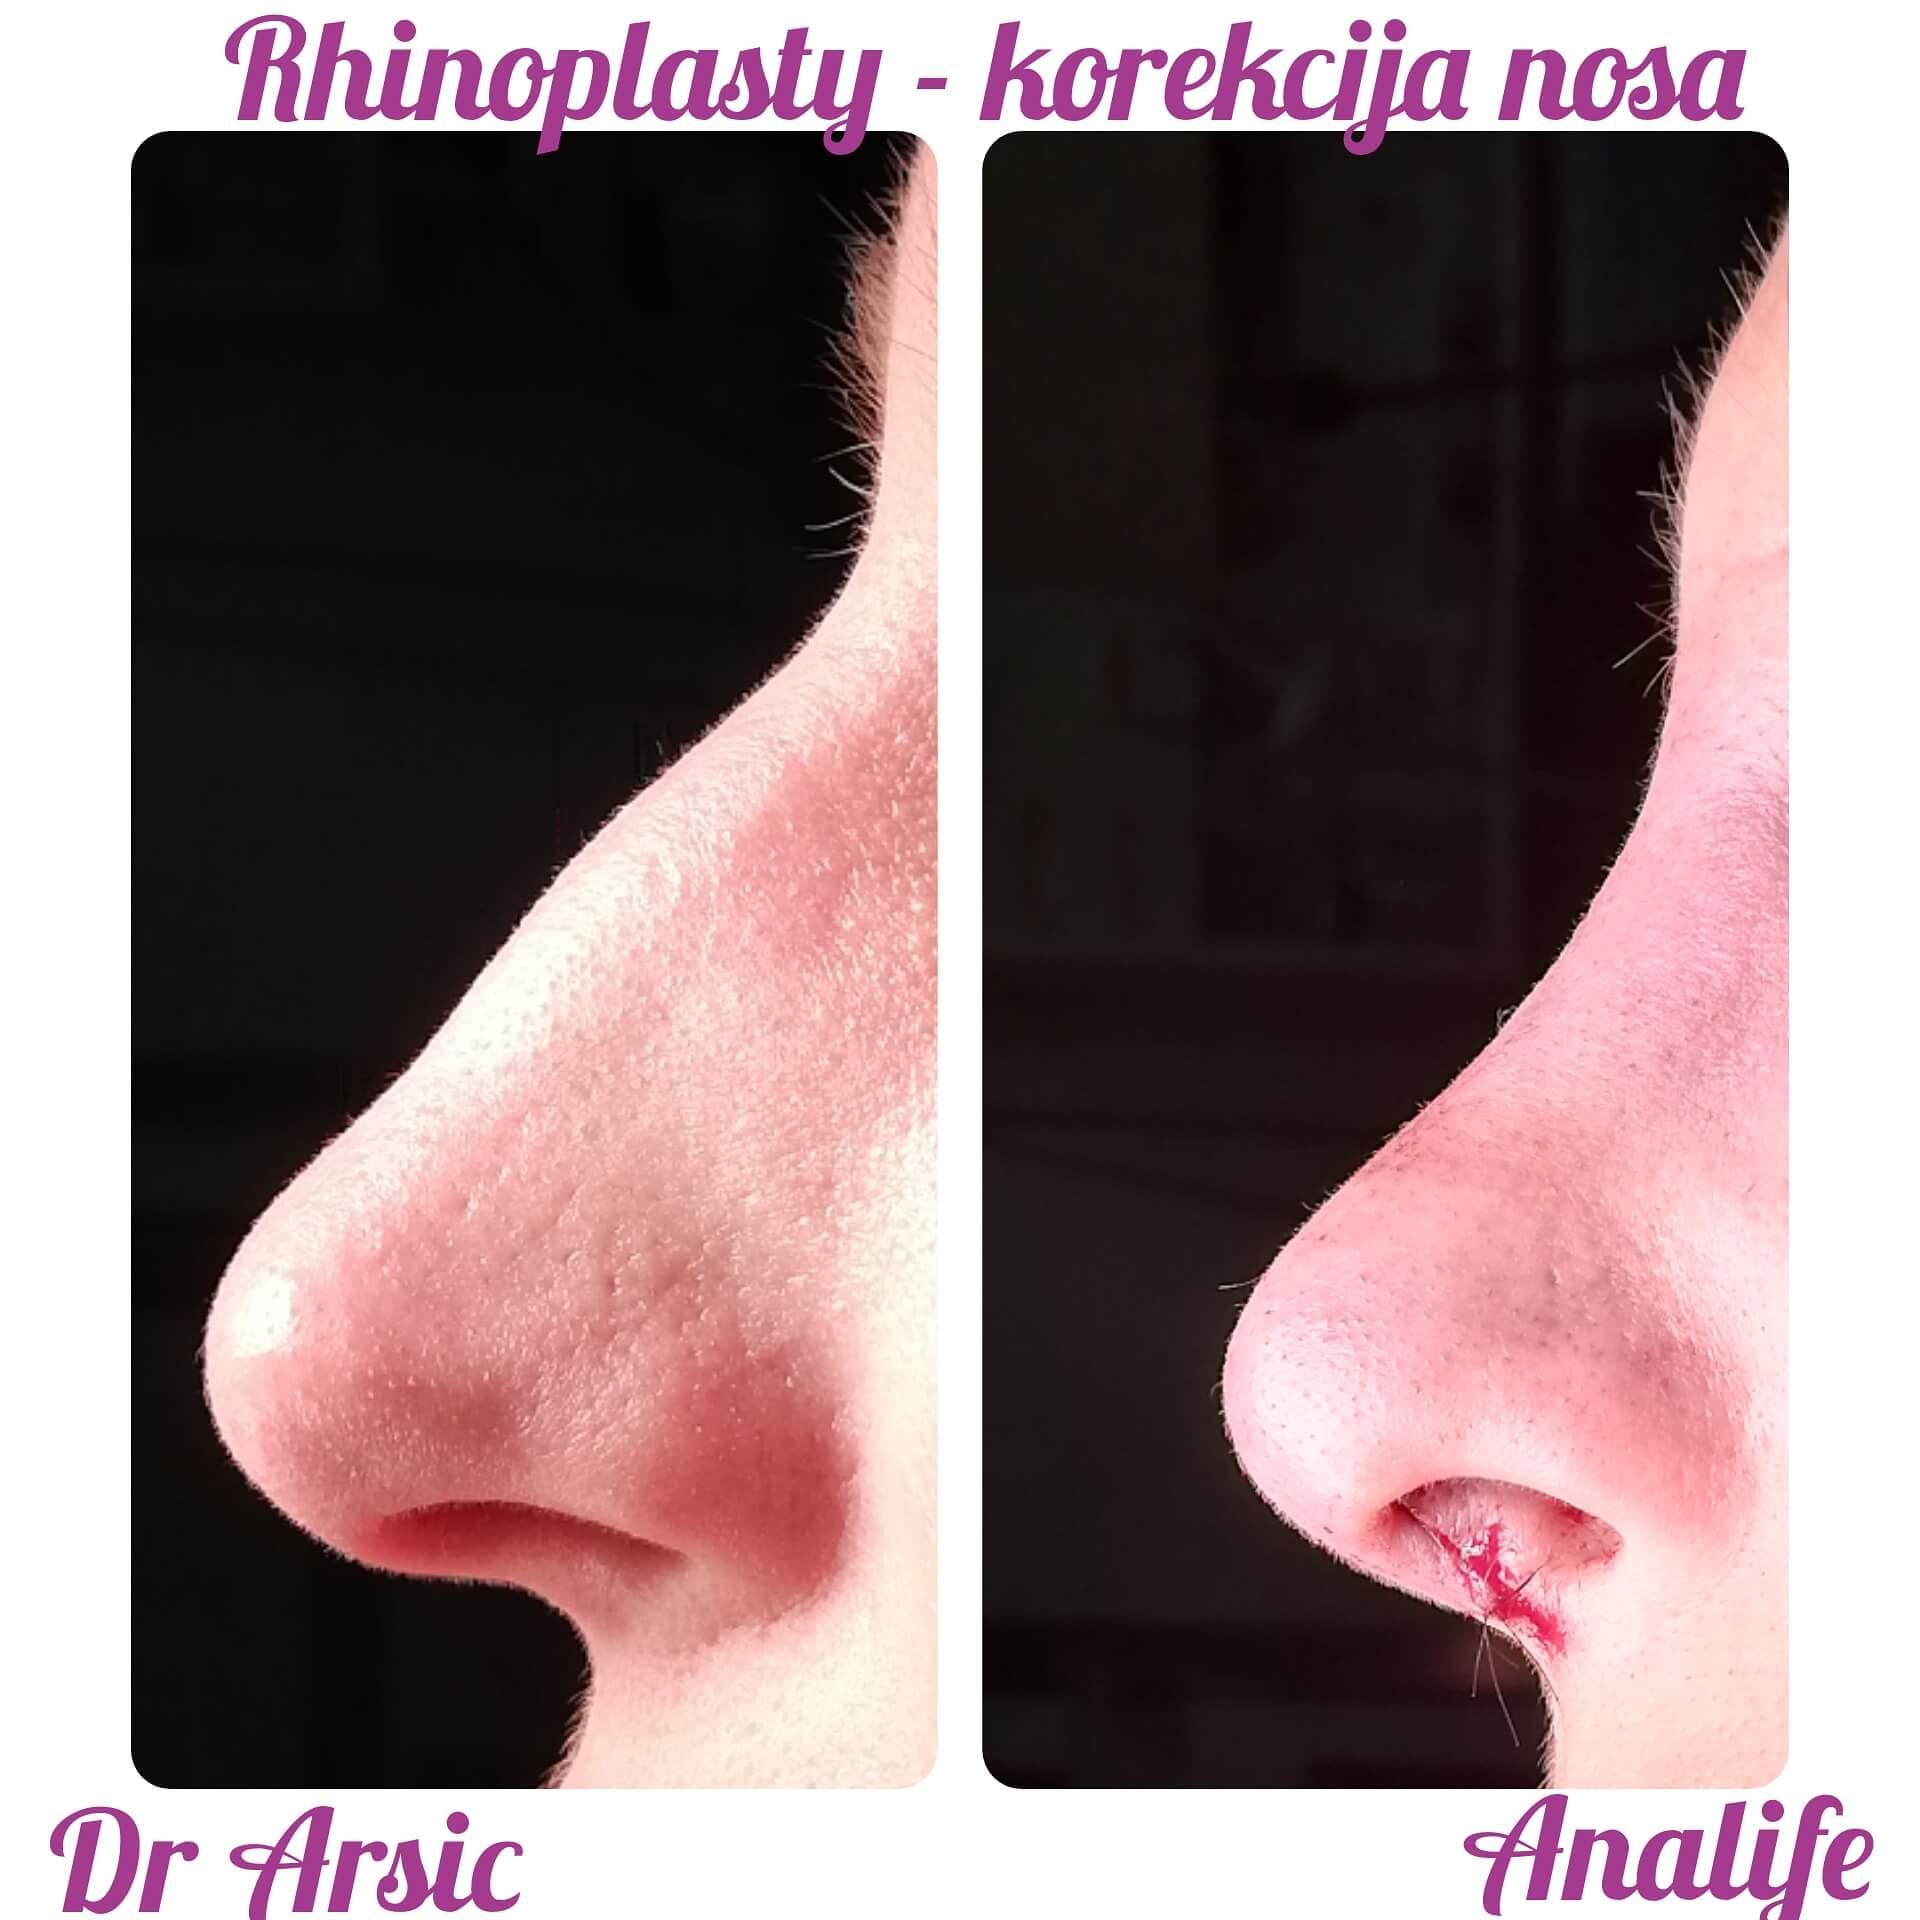 Estetska korekcija nosa je jedna od najzahtevnijih operacija jer se jasno uočava promena koja znatno doprinosi poboljšanju izgleda